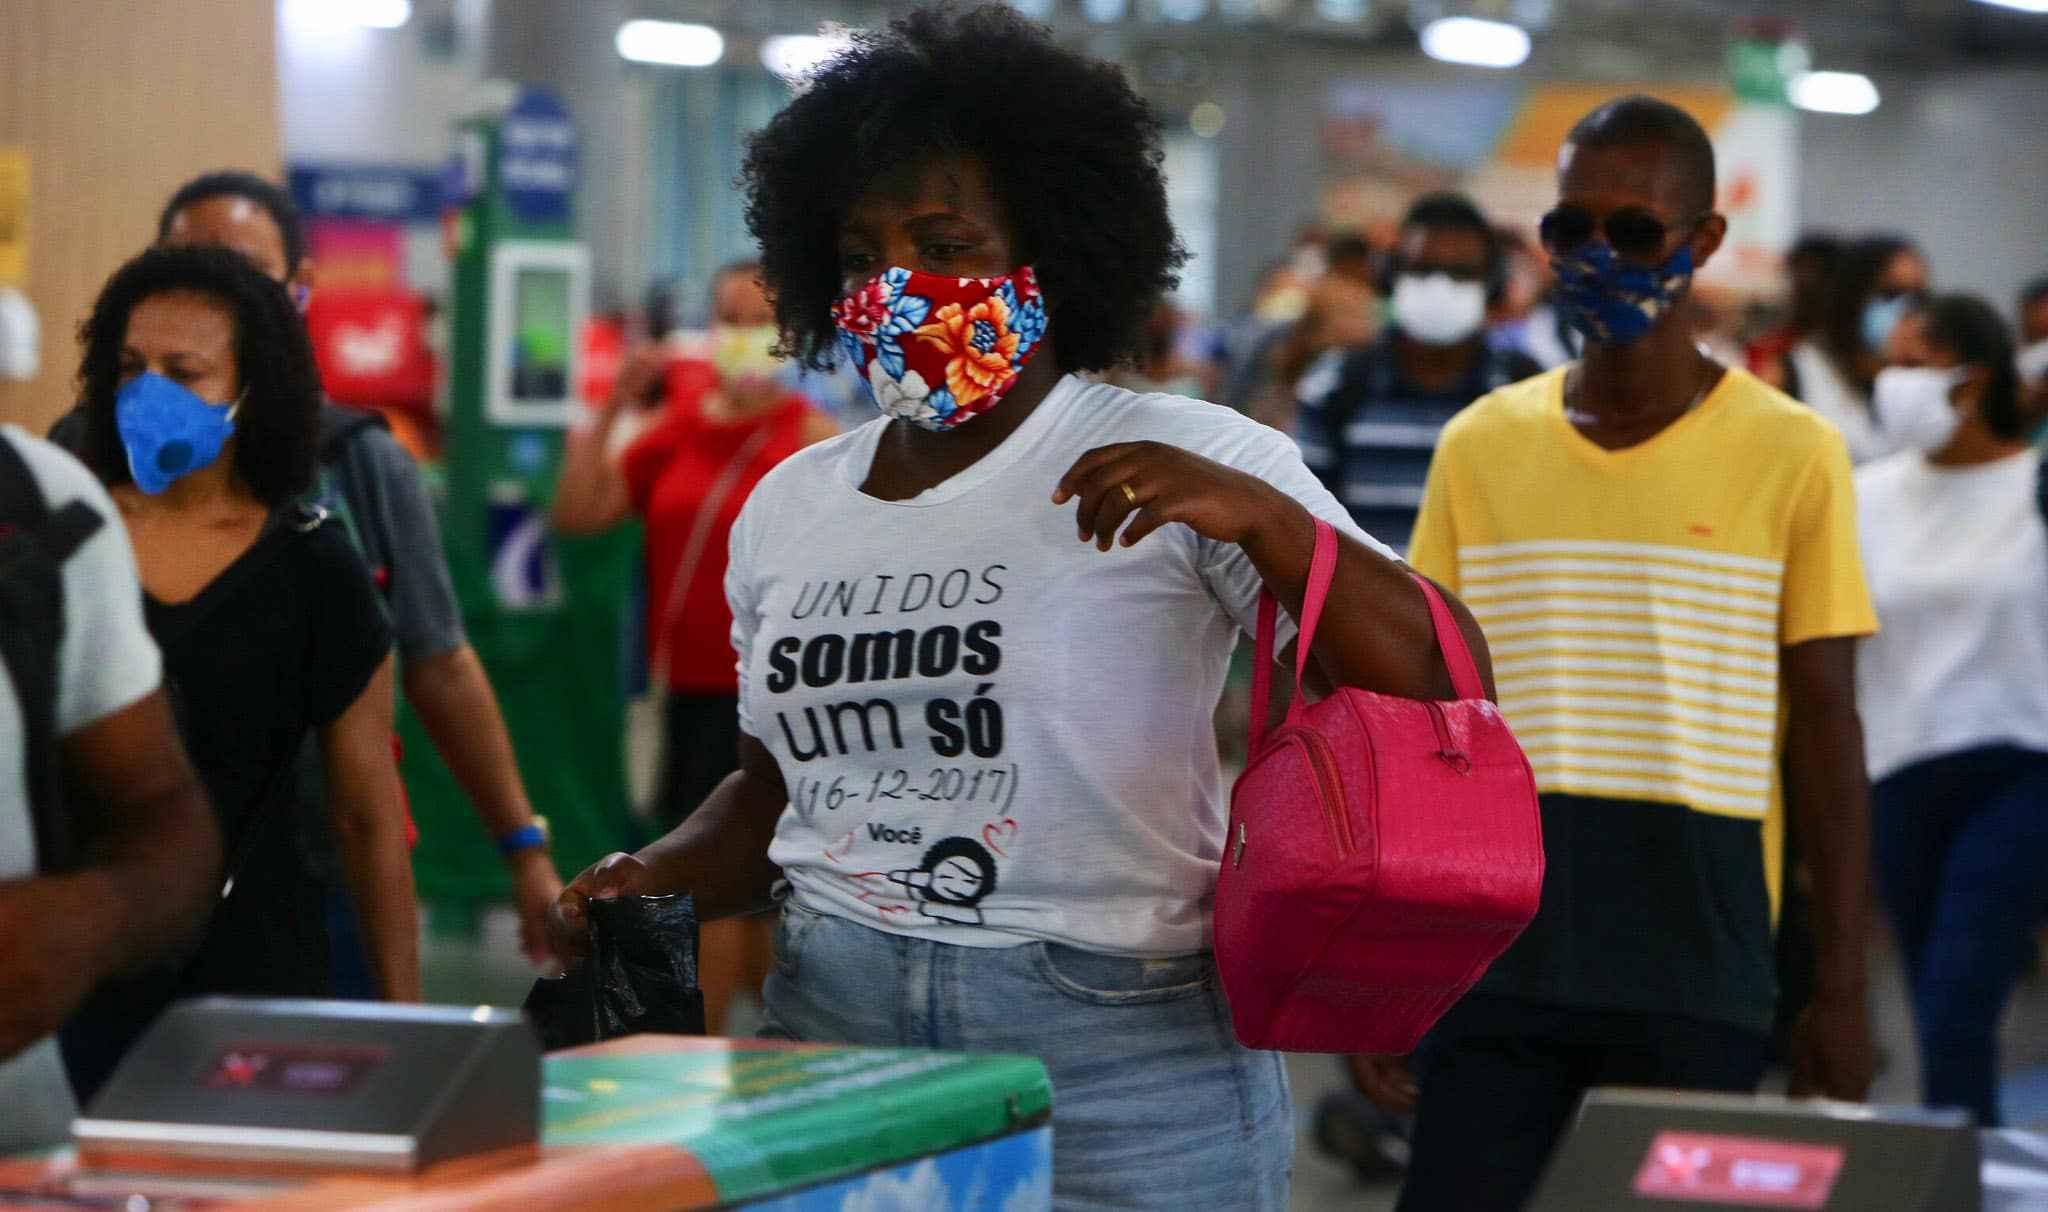 Uso de máscaras é uma das medidas para evitar a covid-19